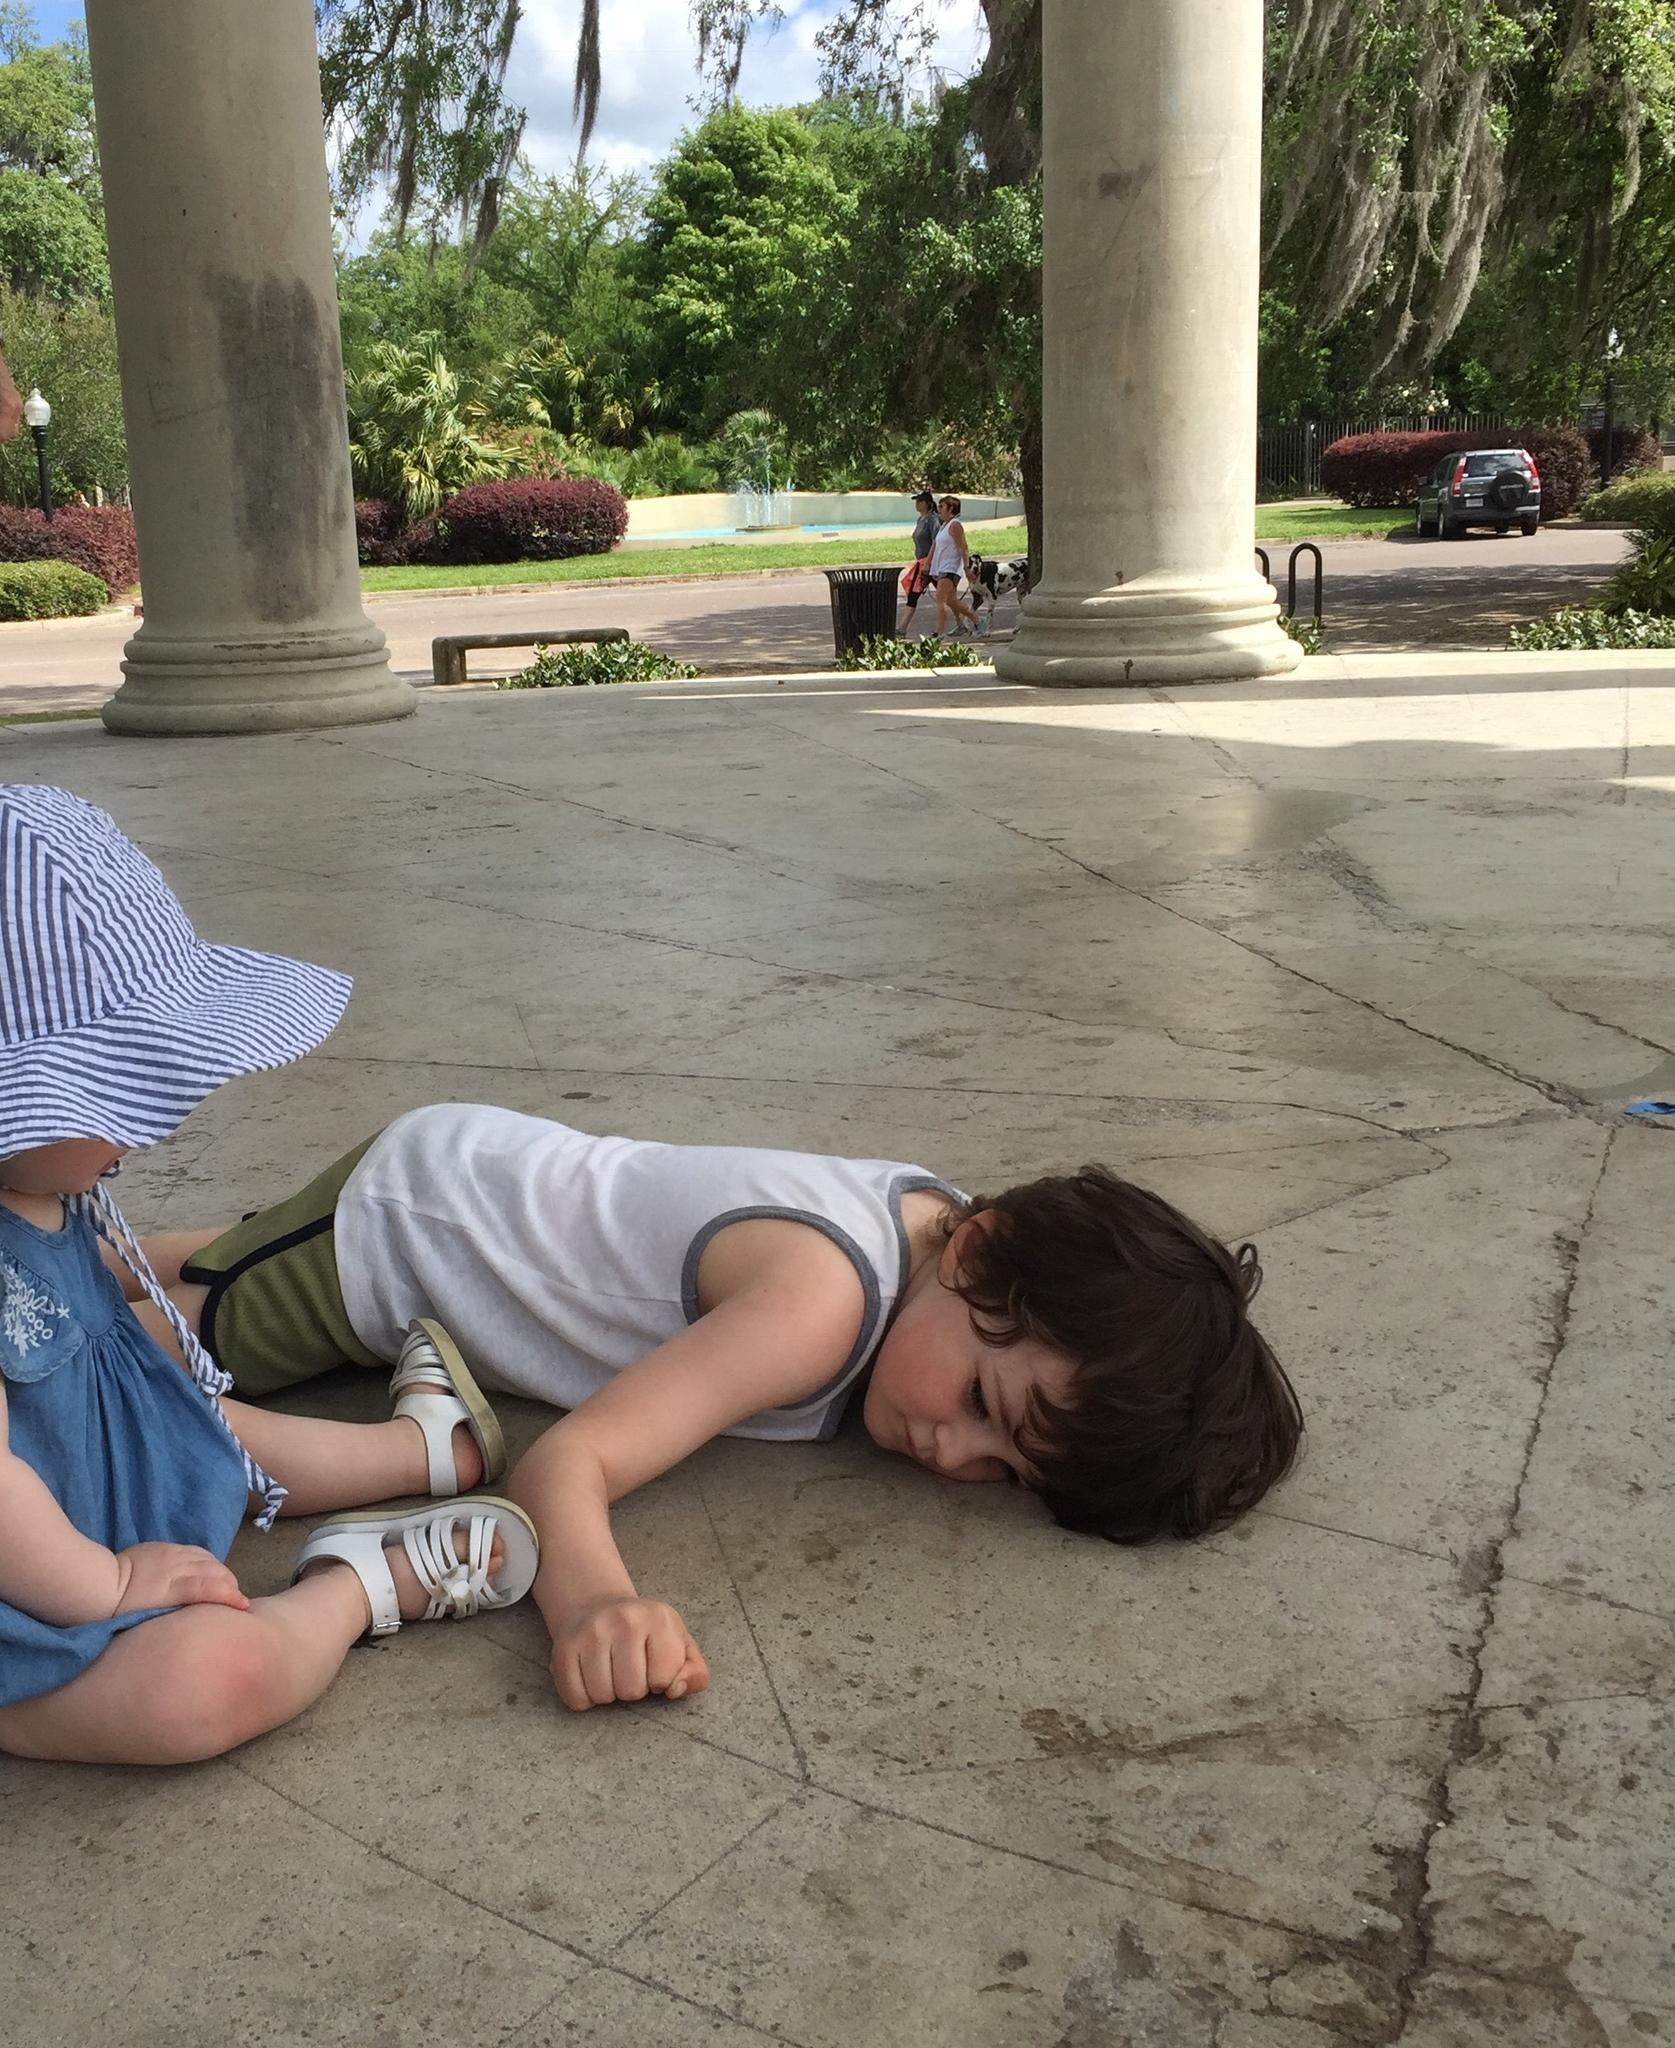 City park rest period